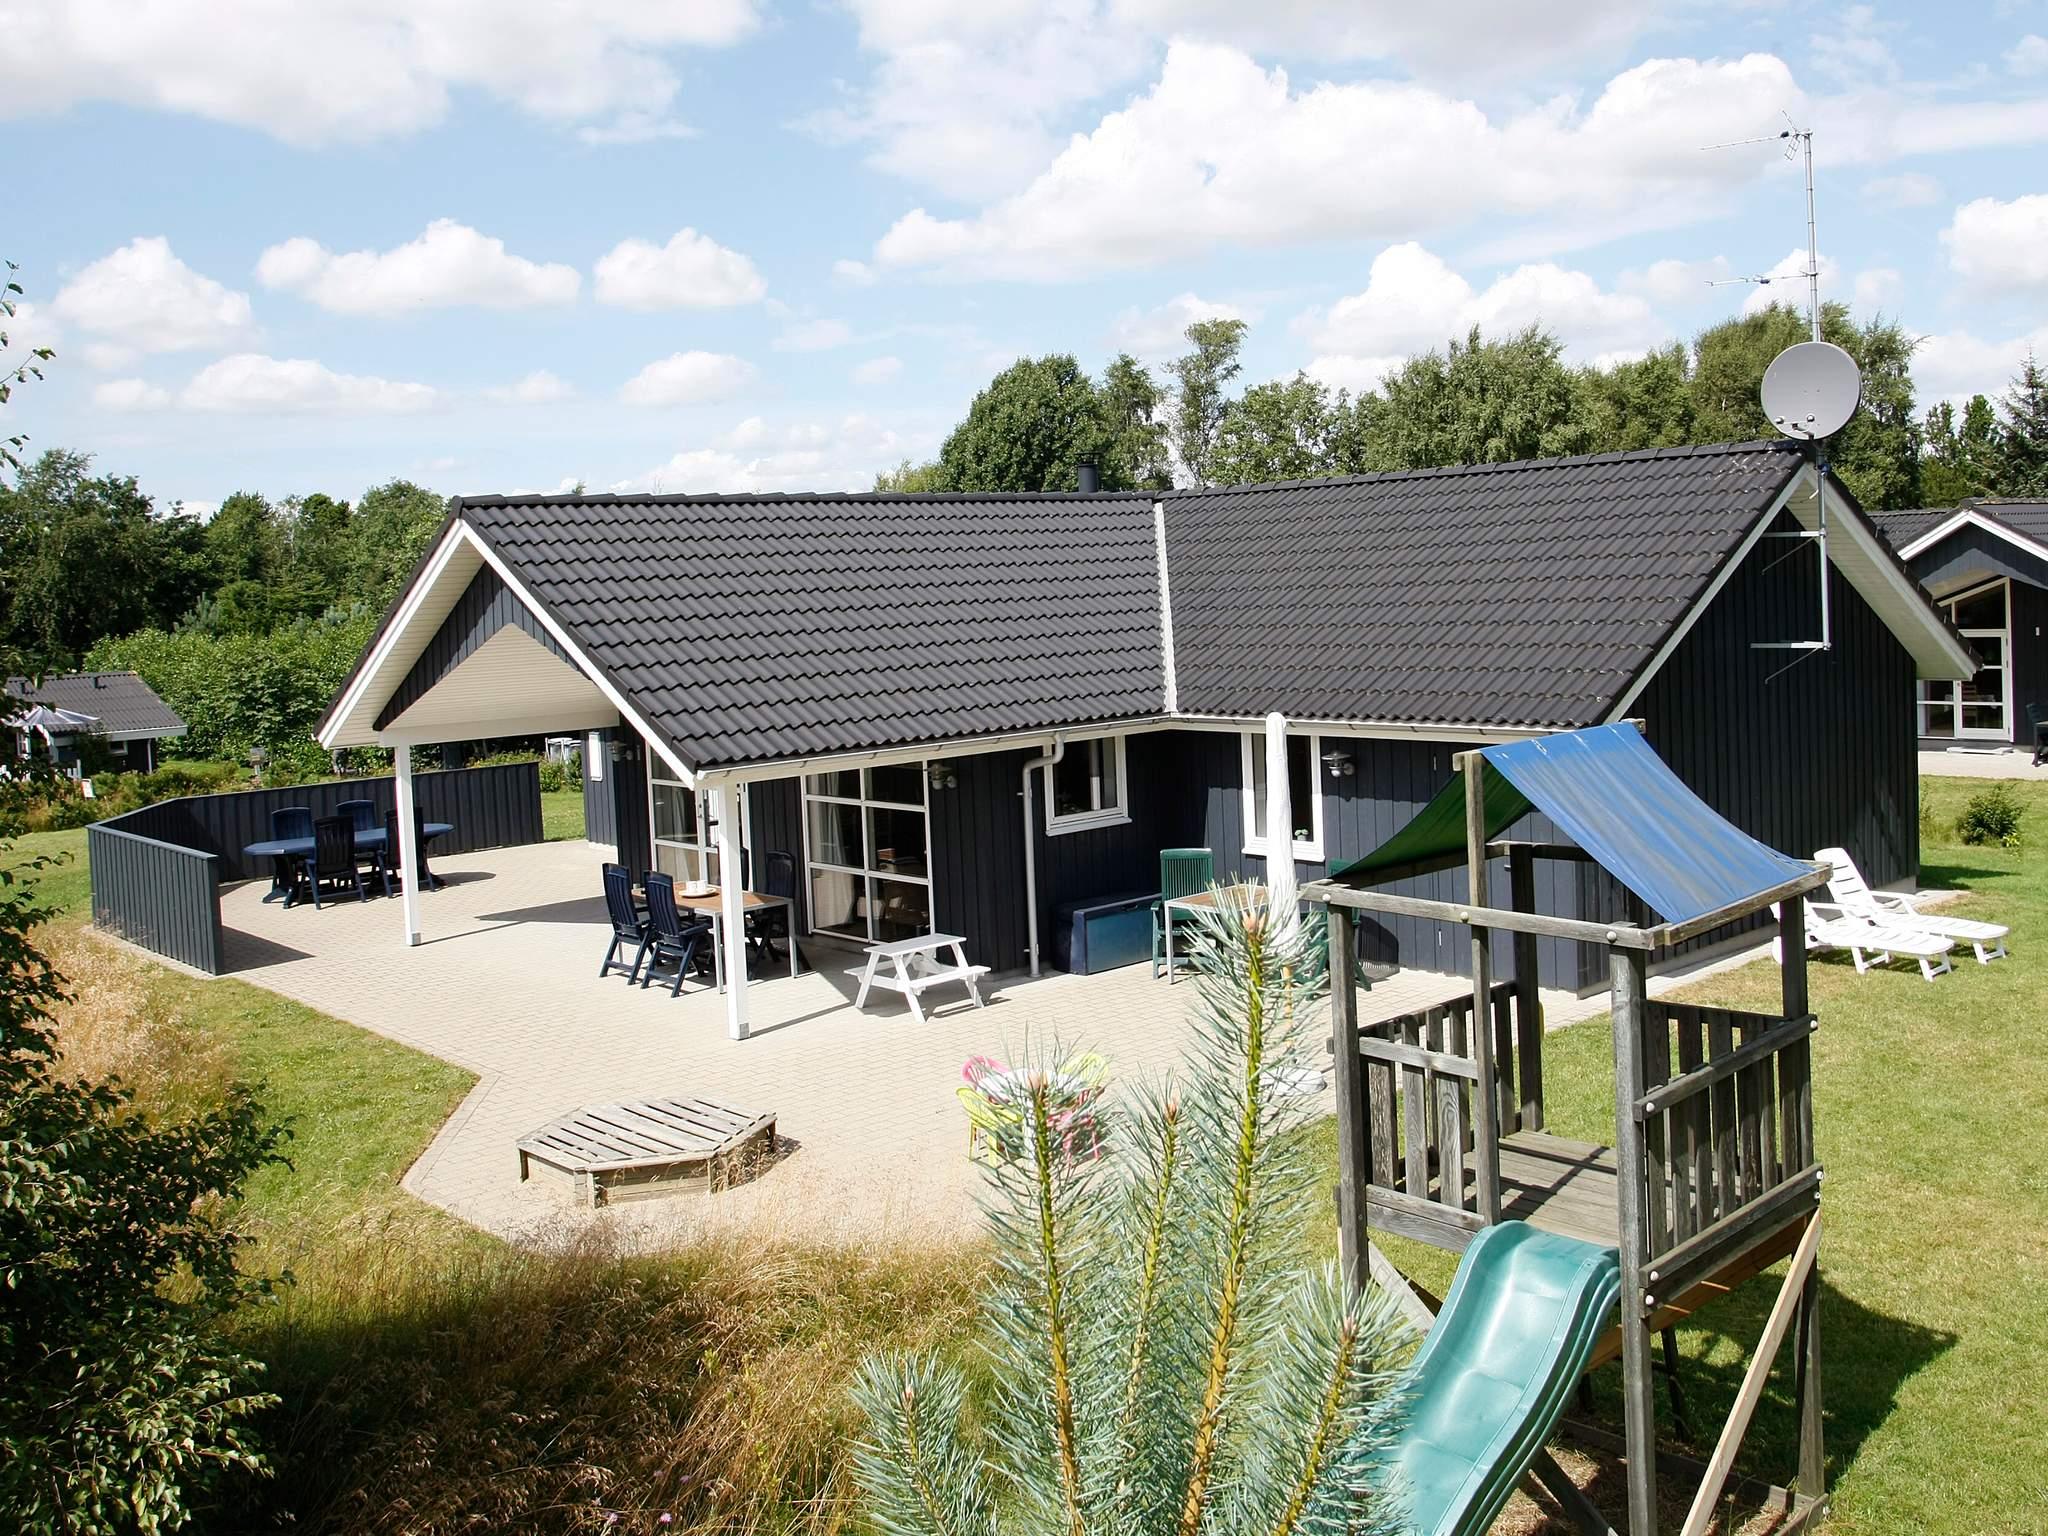 Ferienhaus Hou (93228), Hou, , Nordostjütland, Dänemark, Bild 1